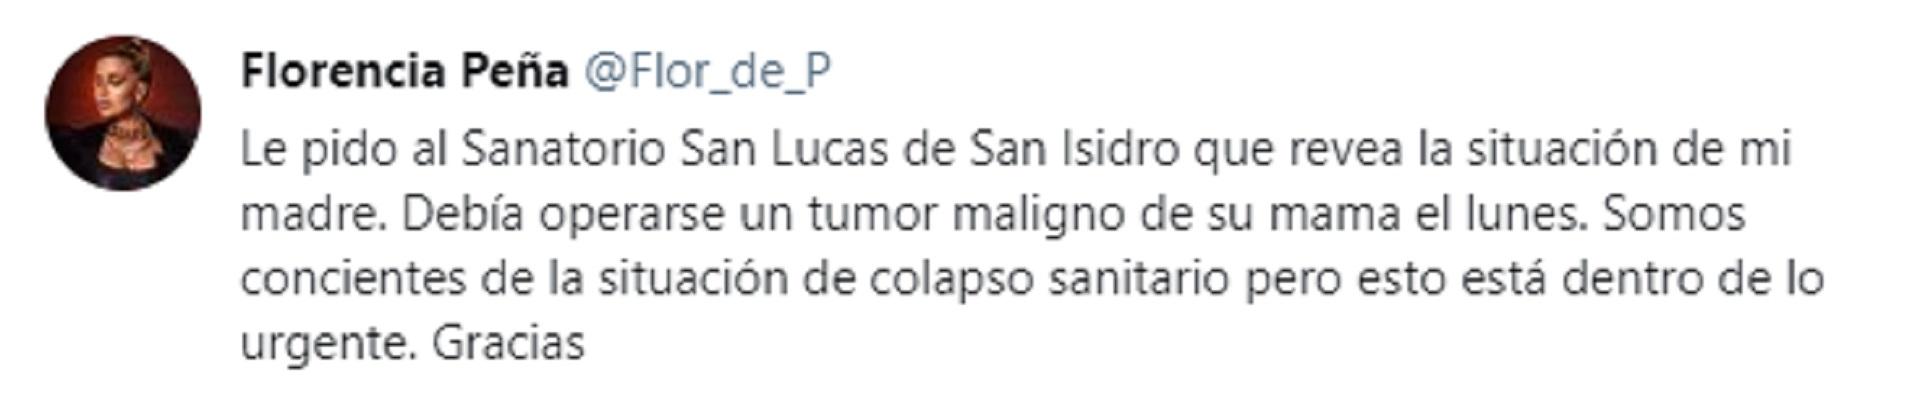 Los tuits de Florencia Peña